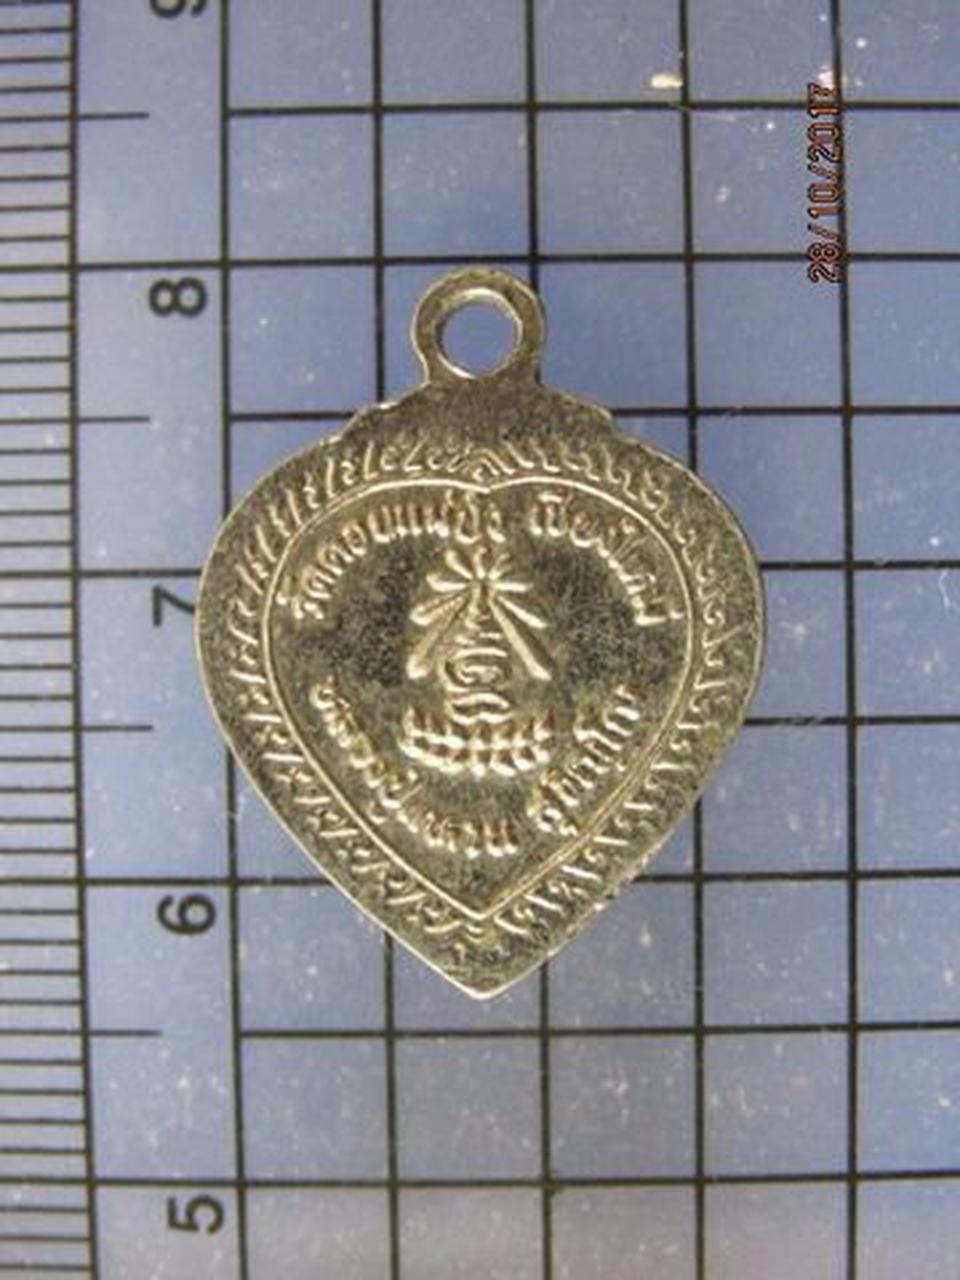 4854 เหรียญใบโพธิ์เล็ก หลวงปู่แหวน วัดดอยแม่ปั๋ง เนื้อชุบนิเ รูปที่ 1